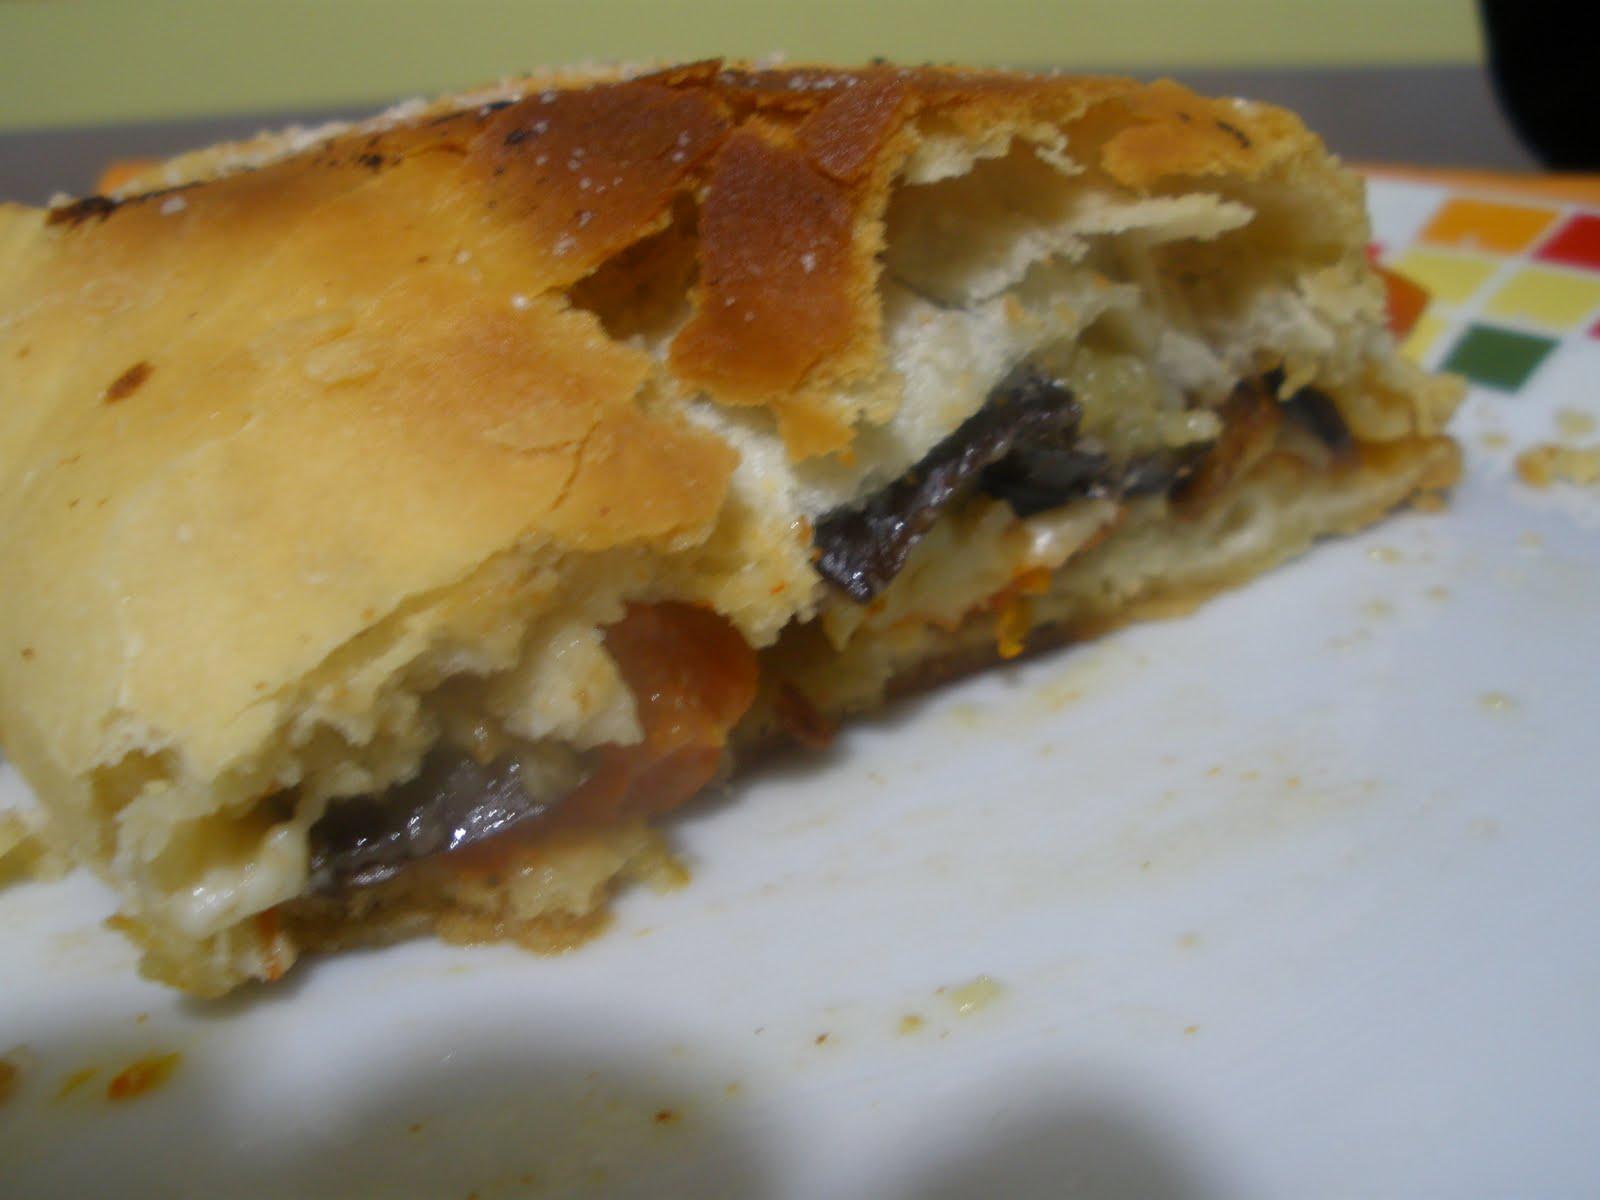 Rotella Tagliapasta Disegnate I Bordi Eliminando La Pasta In Eccesso #6B4219 1600 1200 Ricette Cucina Disegnate